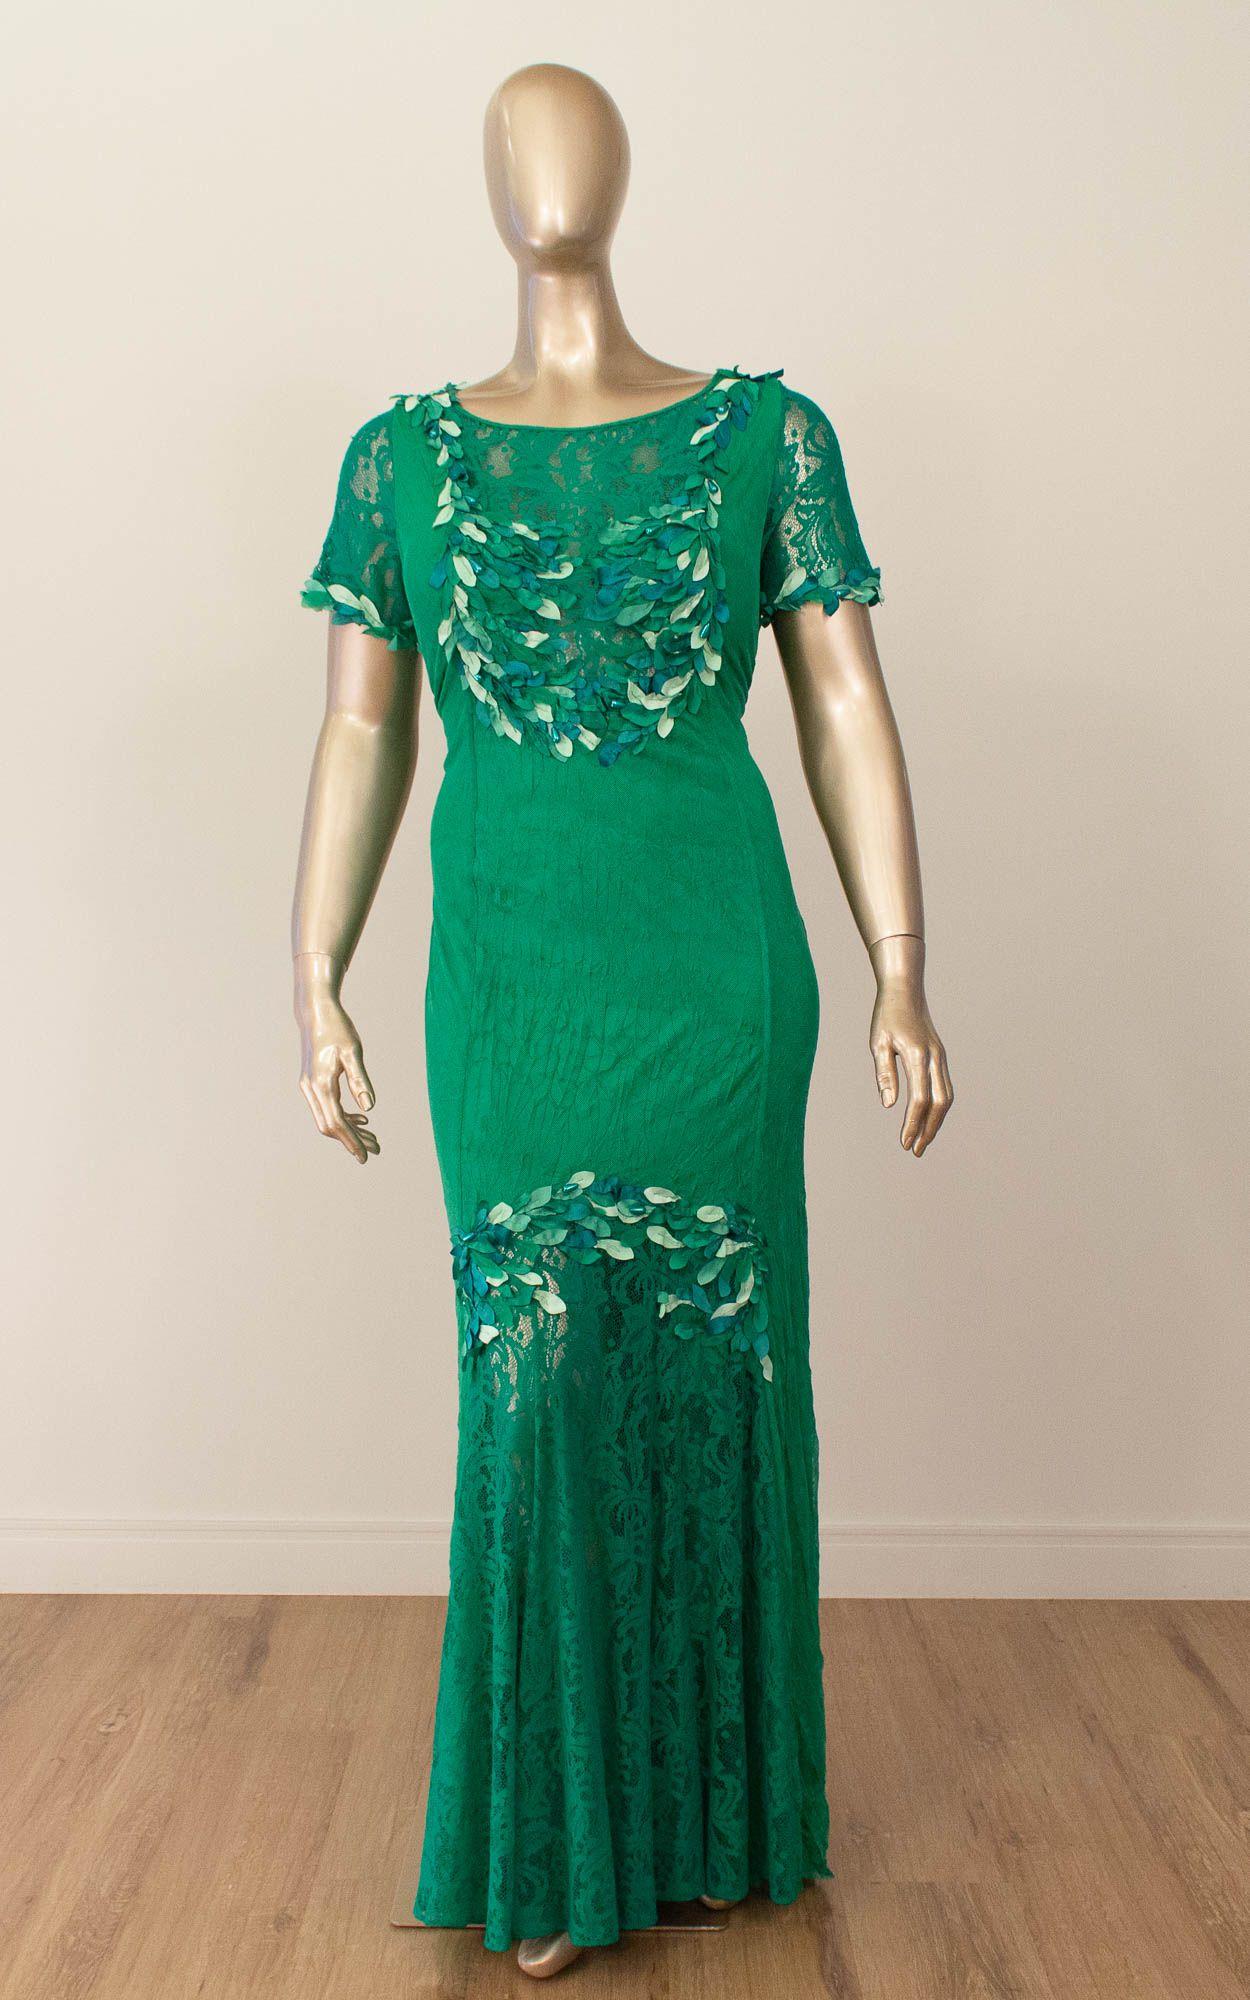 Vestido longo com detalhes em renda e bordados